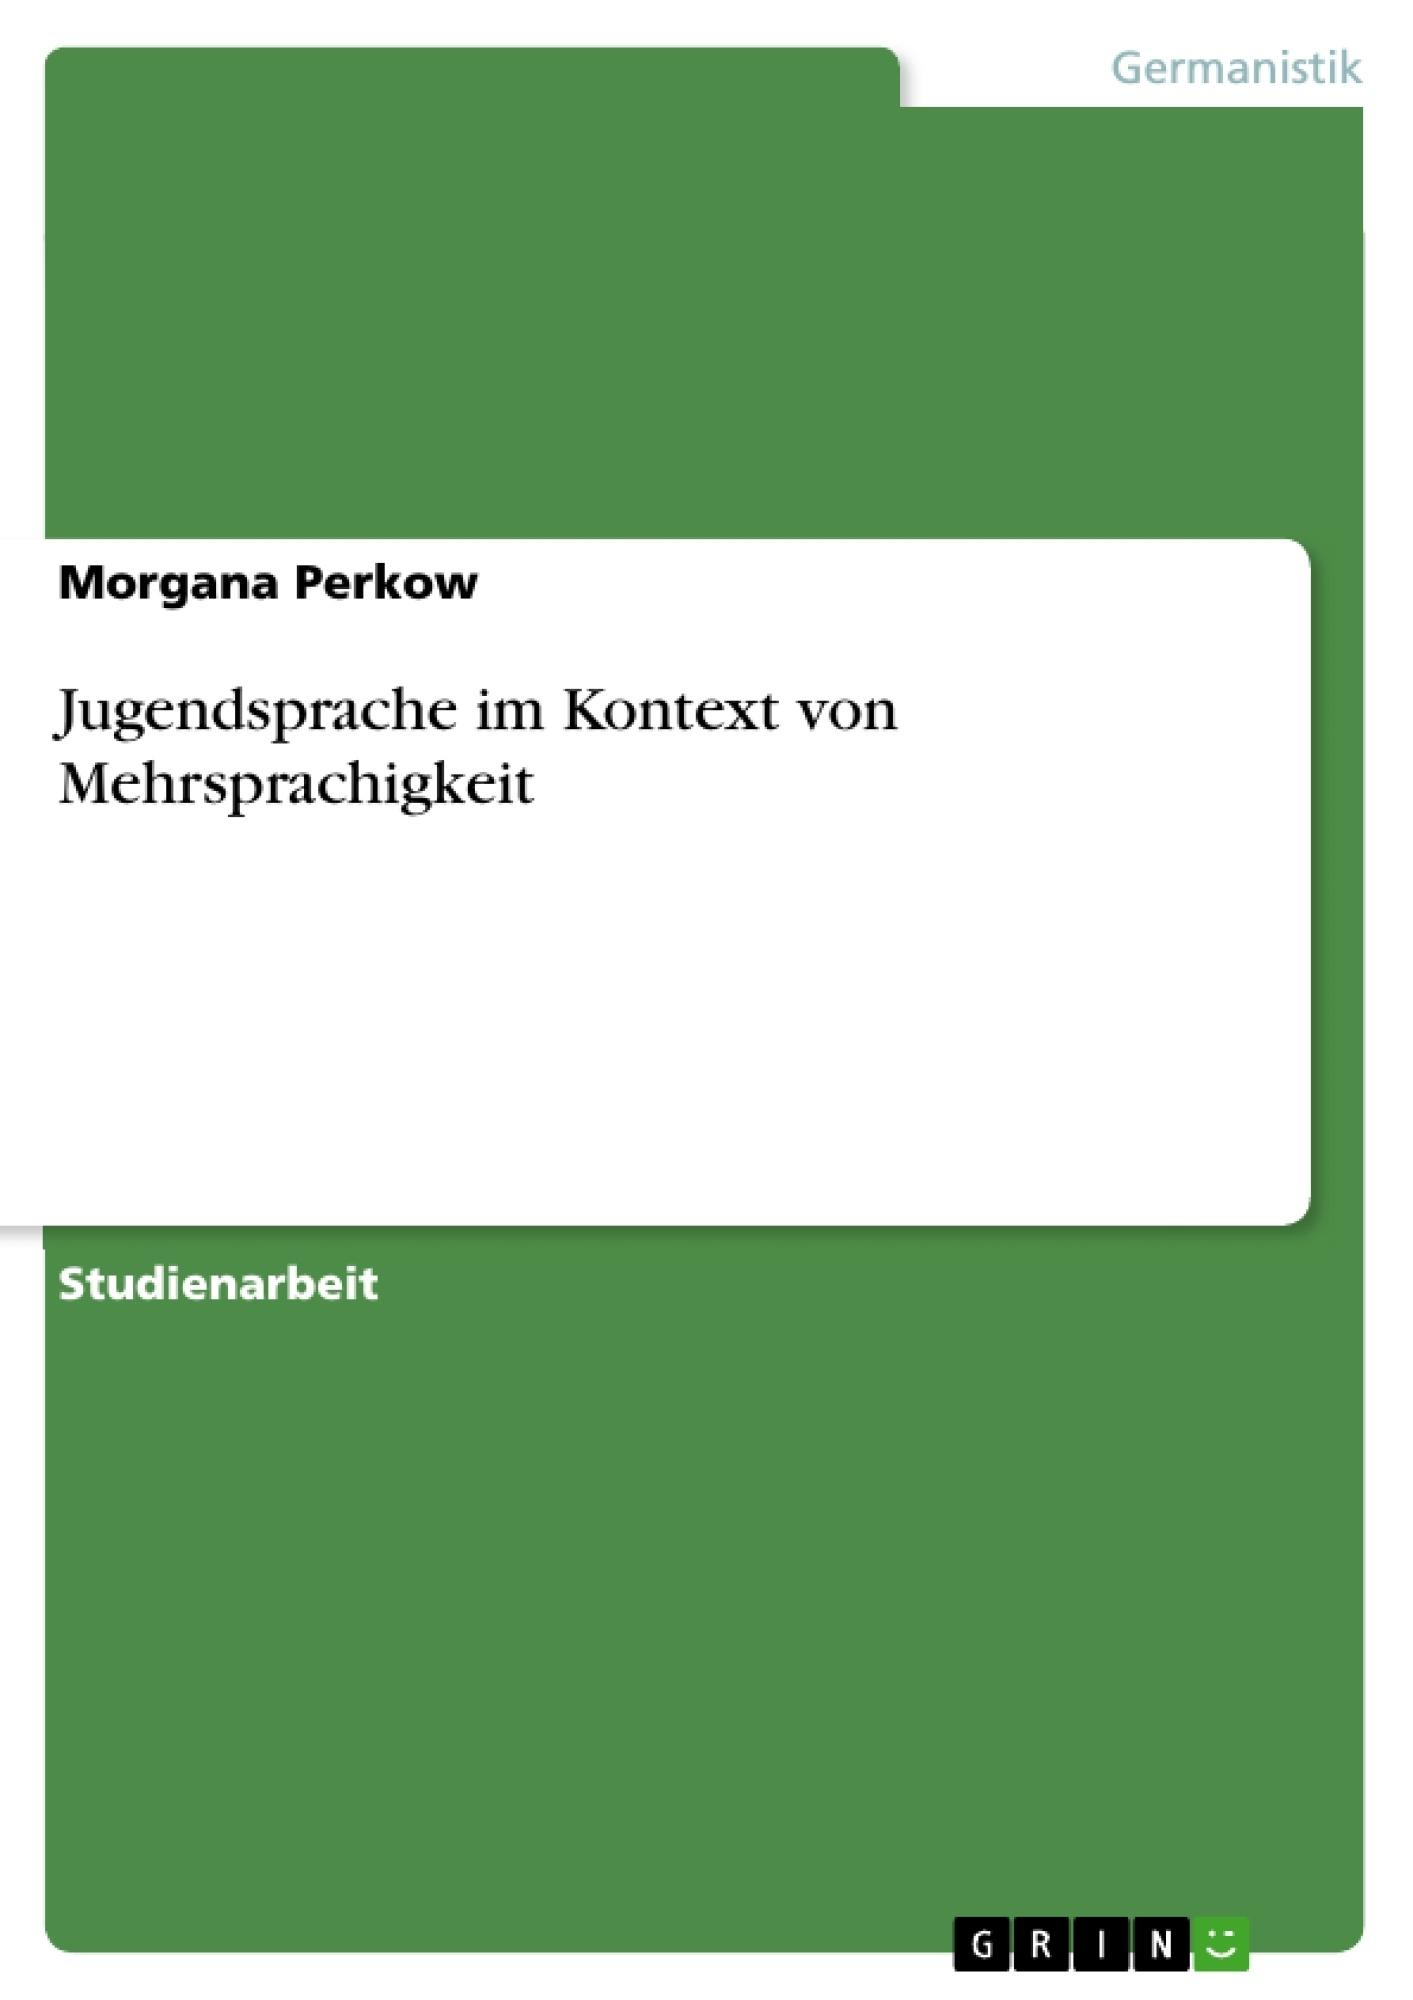 Titel: Jugendsprache im Kontext von Mehrsprachigkeit